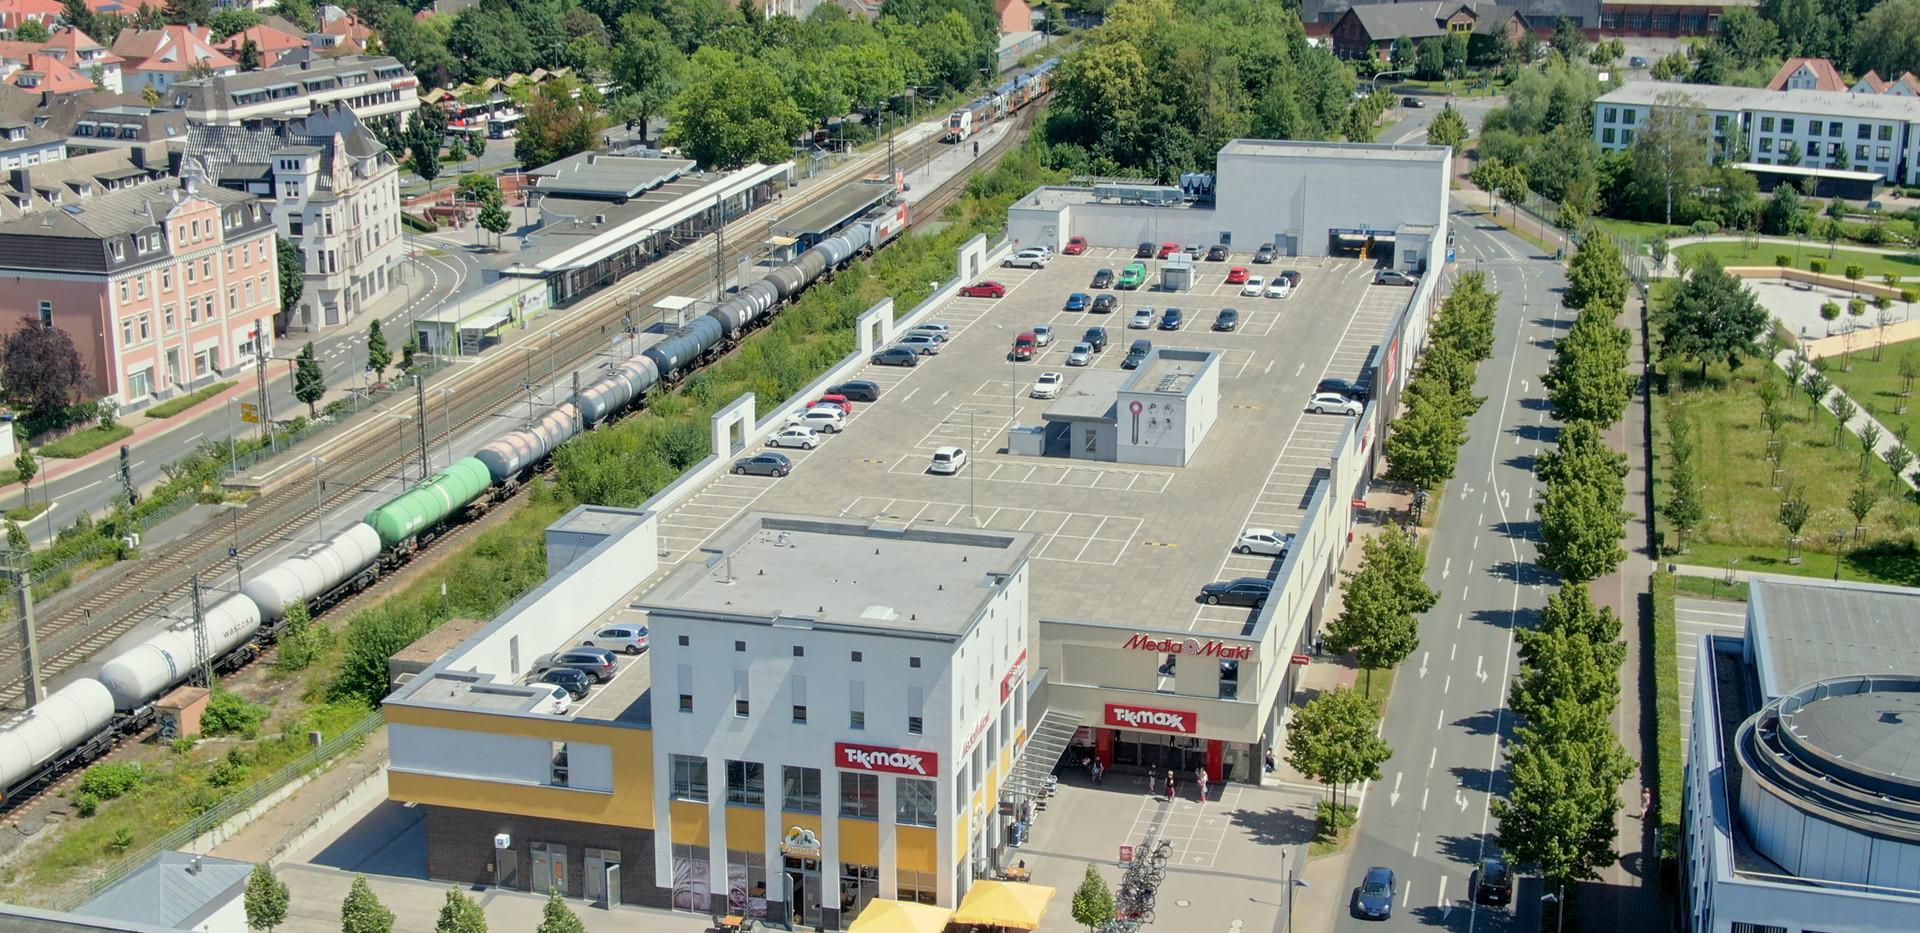 Südertor Lippstadt (3).jpg